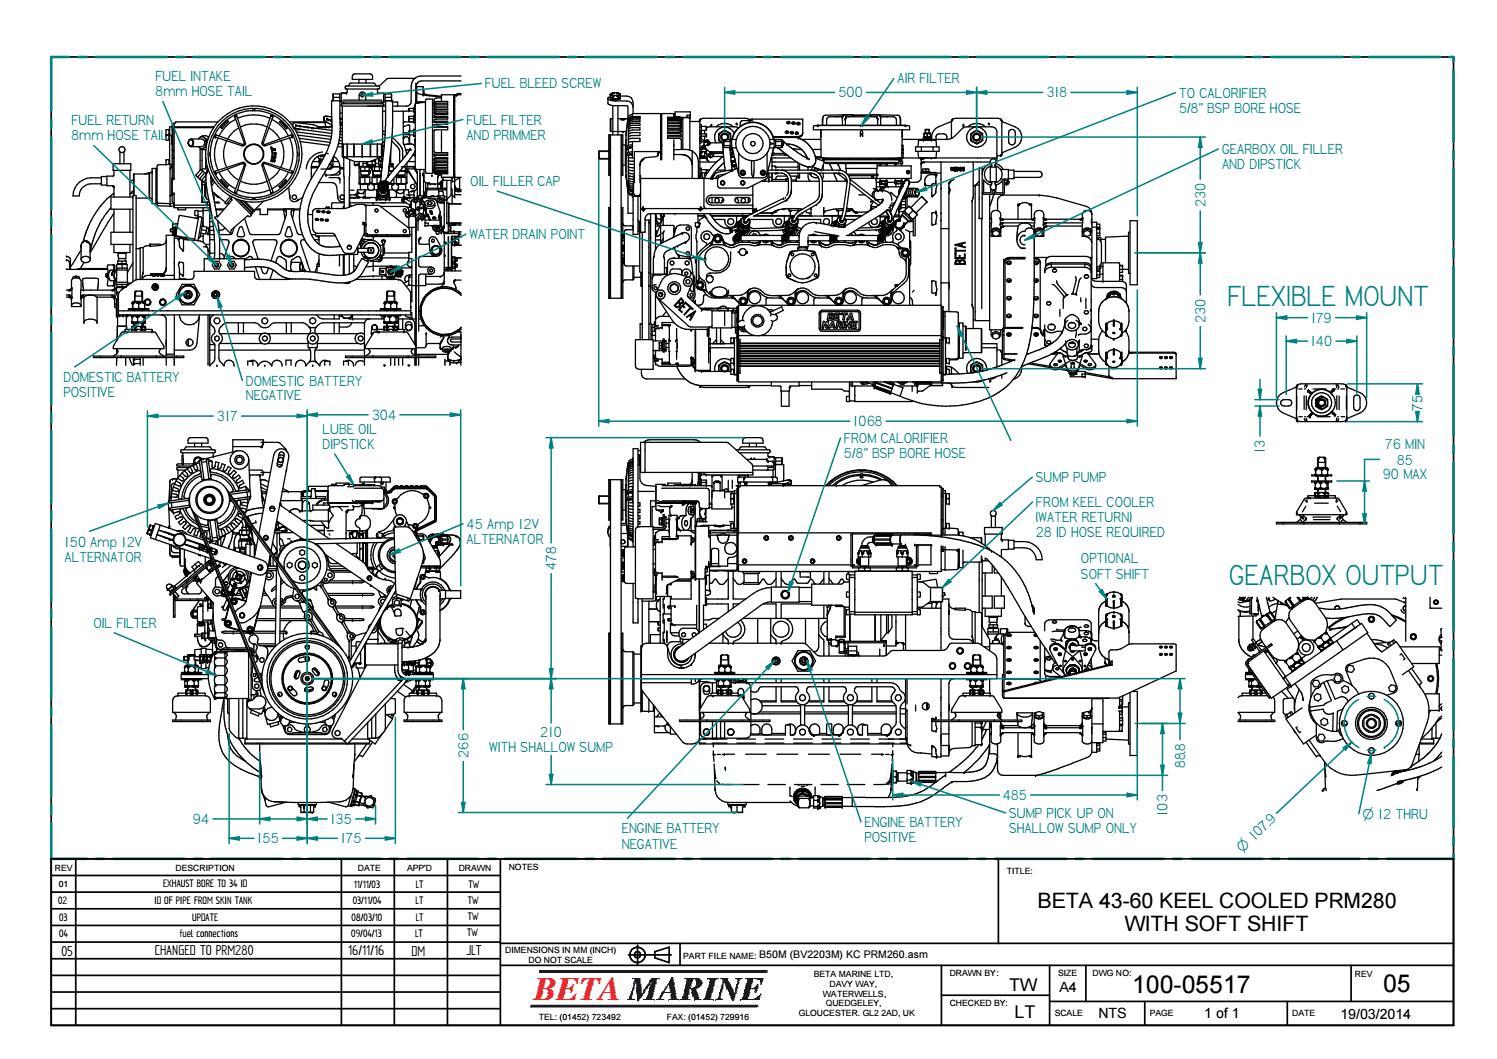 kc 135 engineering schematics electrical engineering schematics b43, b50 & b60 kc prm280 100-05517 by beta marine - issuu